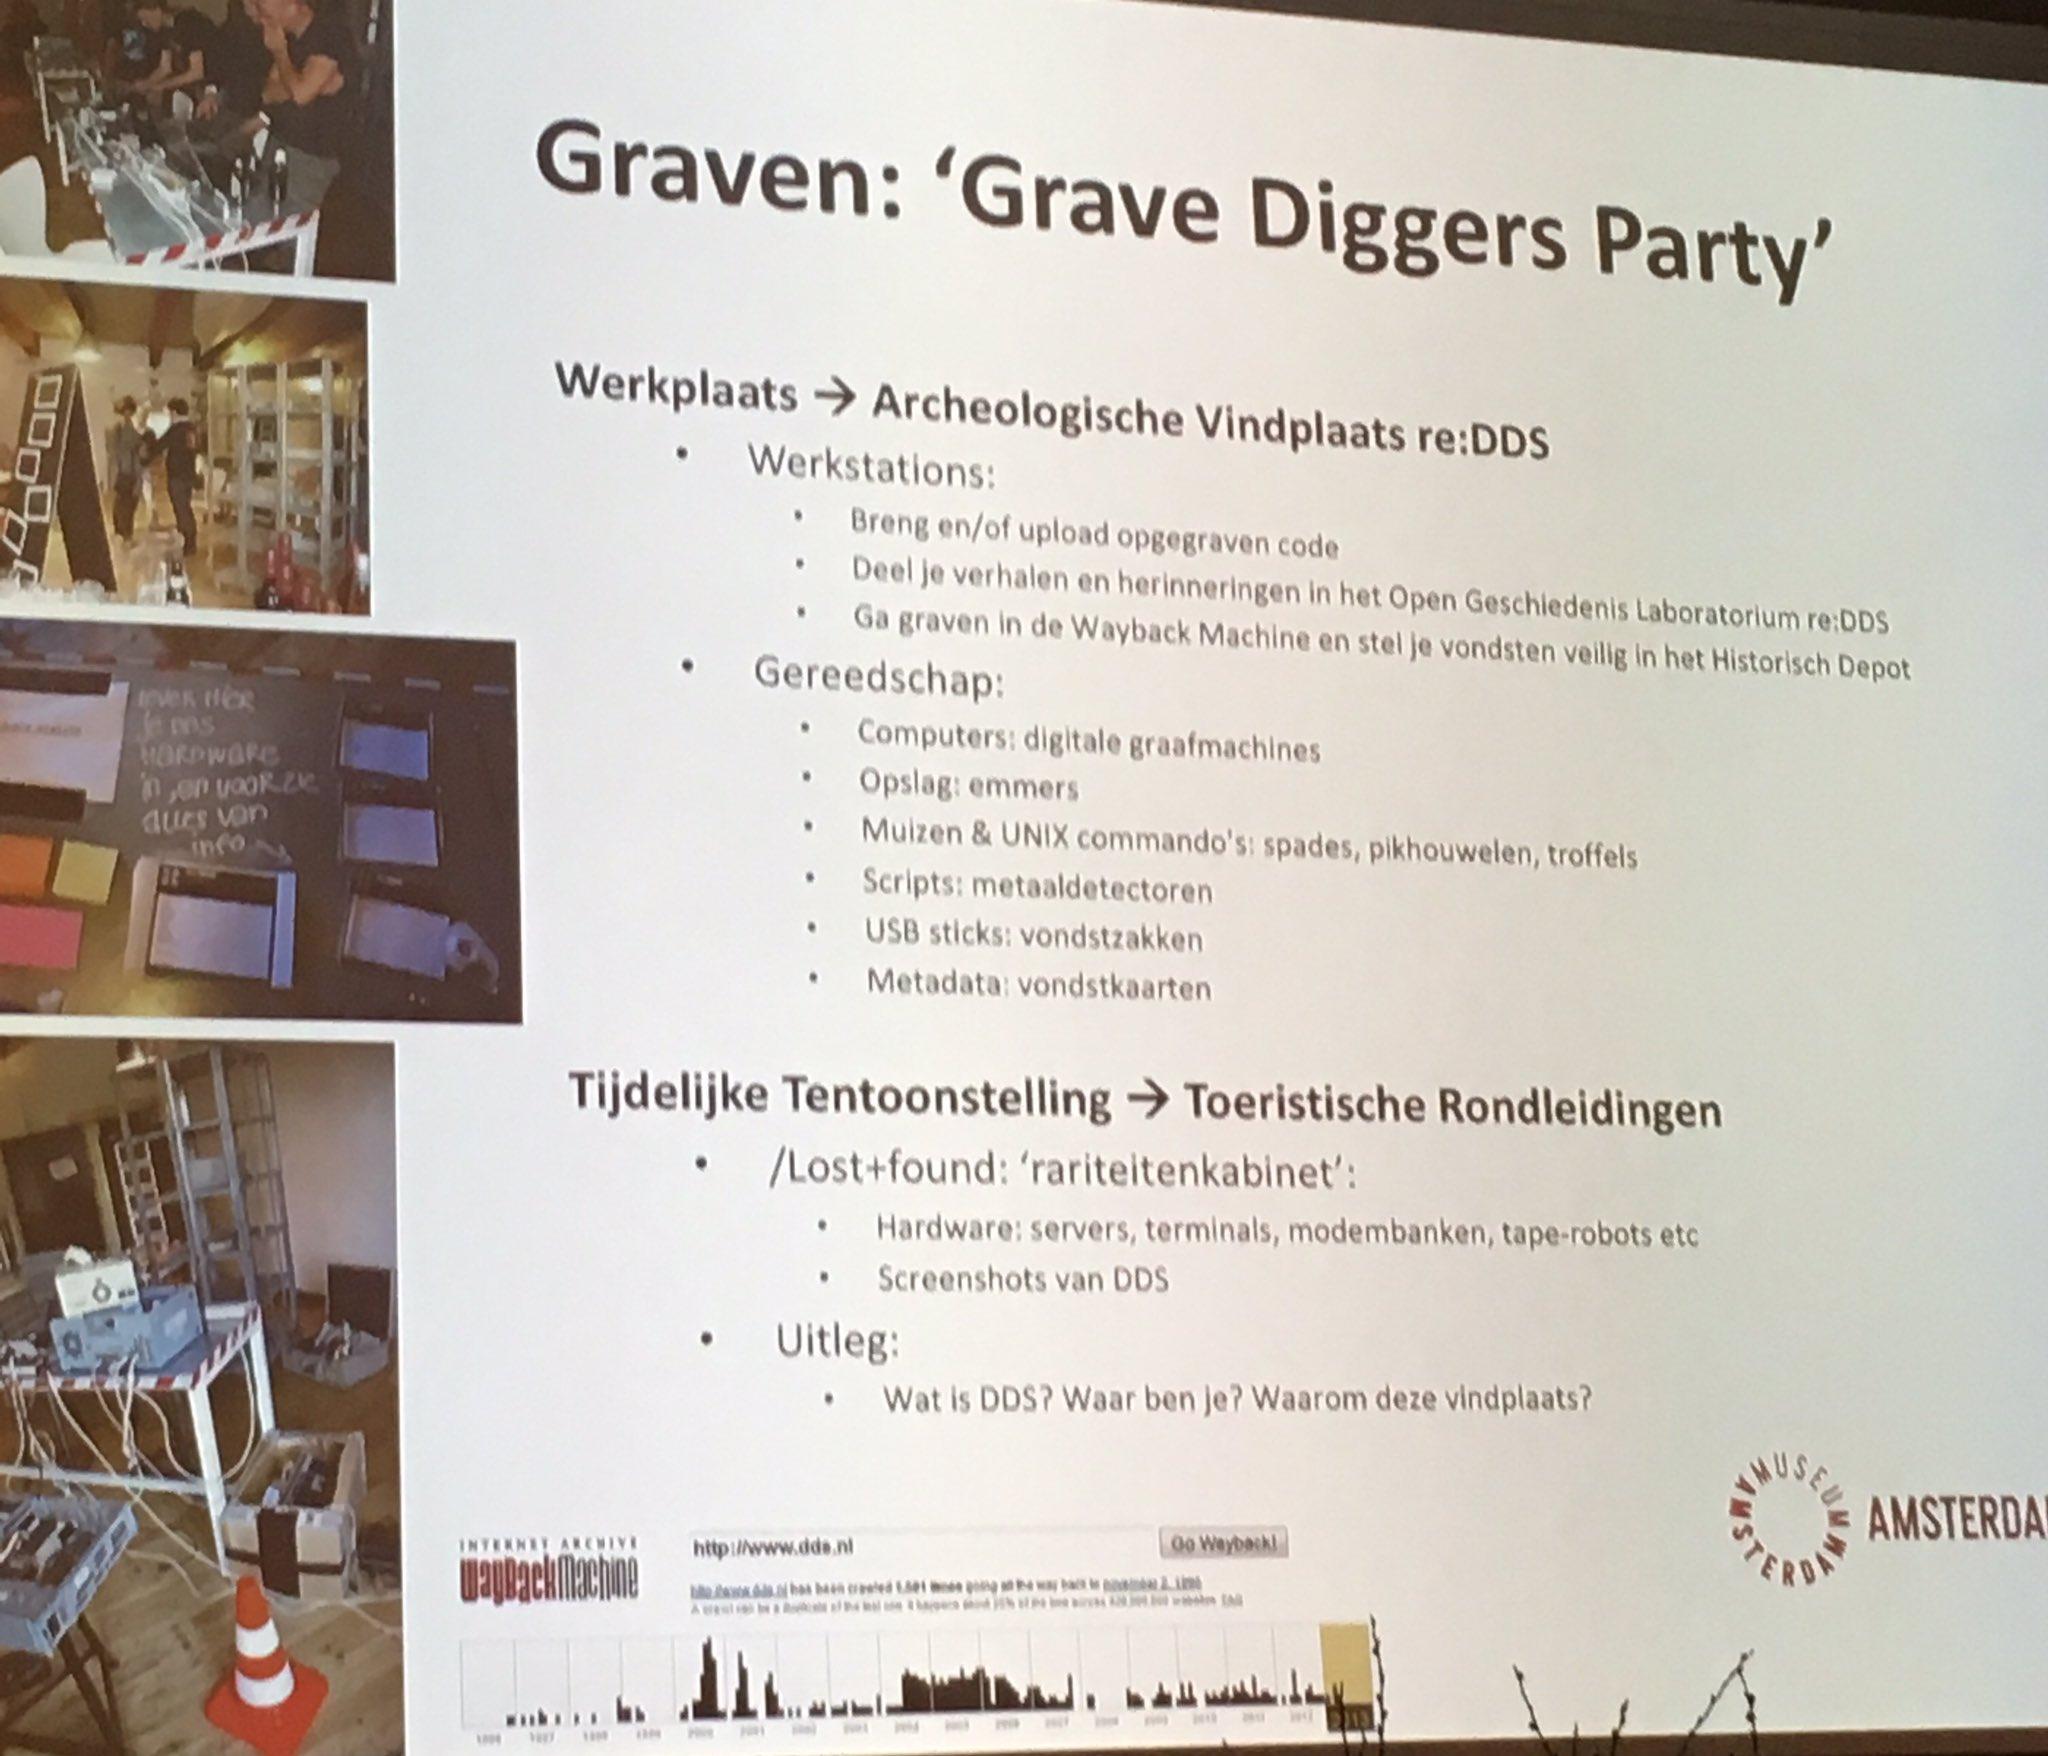 Graven naar digitaal erfgoed #17wde @info_NCDD https://t.co/ZxfVt1XDmv